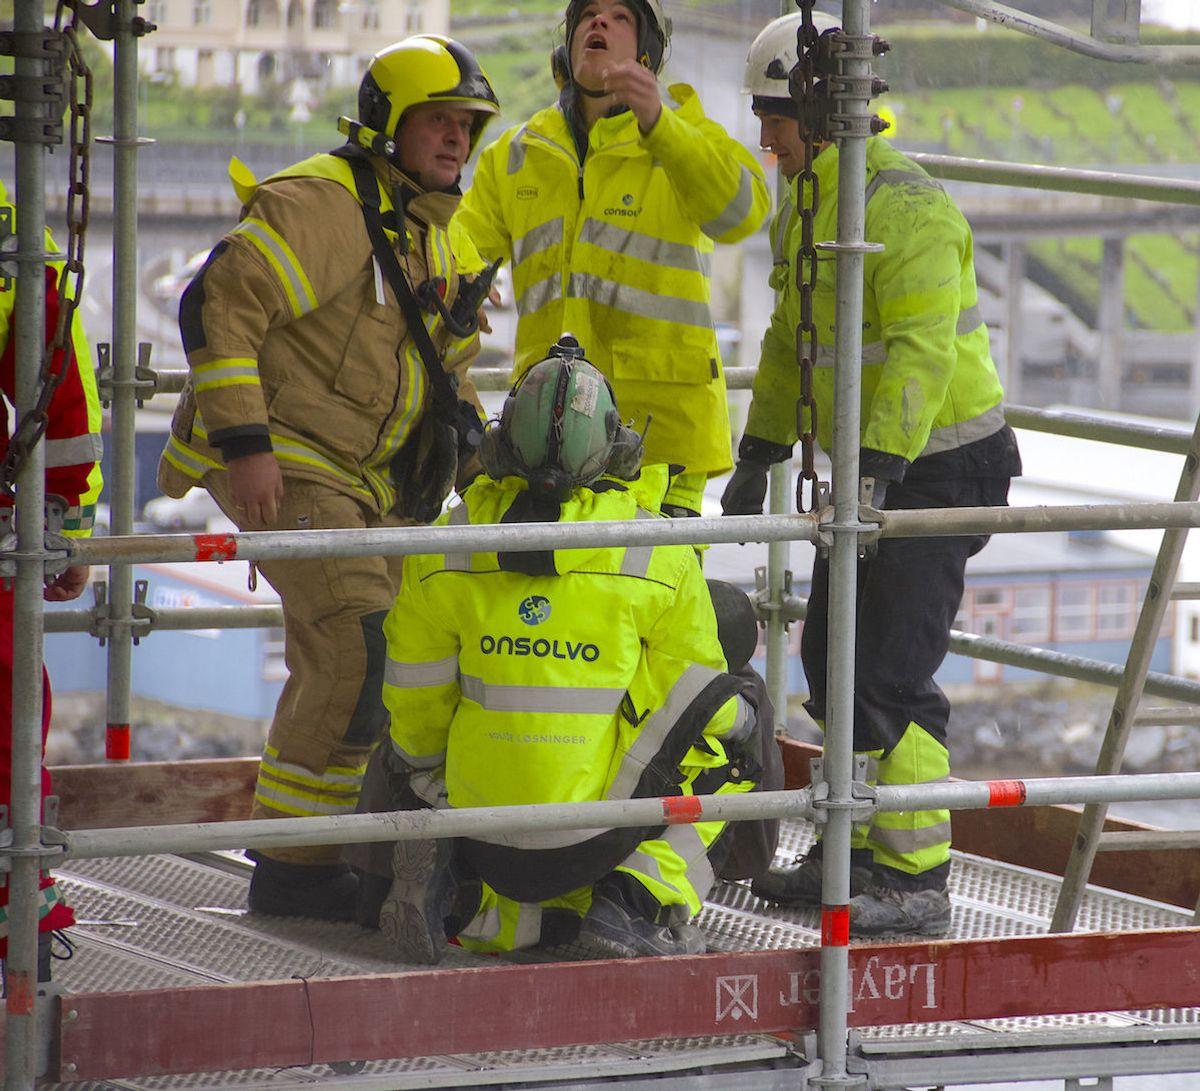 Consolvo gjennomførte nylig en redningsøvelse i samarbeid med Statens vegvesen, Vågsøy brann og redning, Helse Førde og Vest politidistrikt ved Måløybrua. Foto: Consolvo